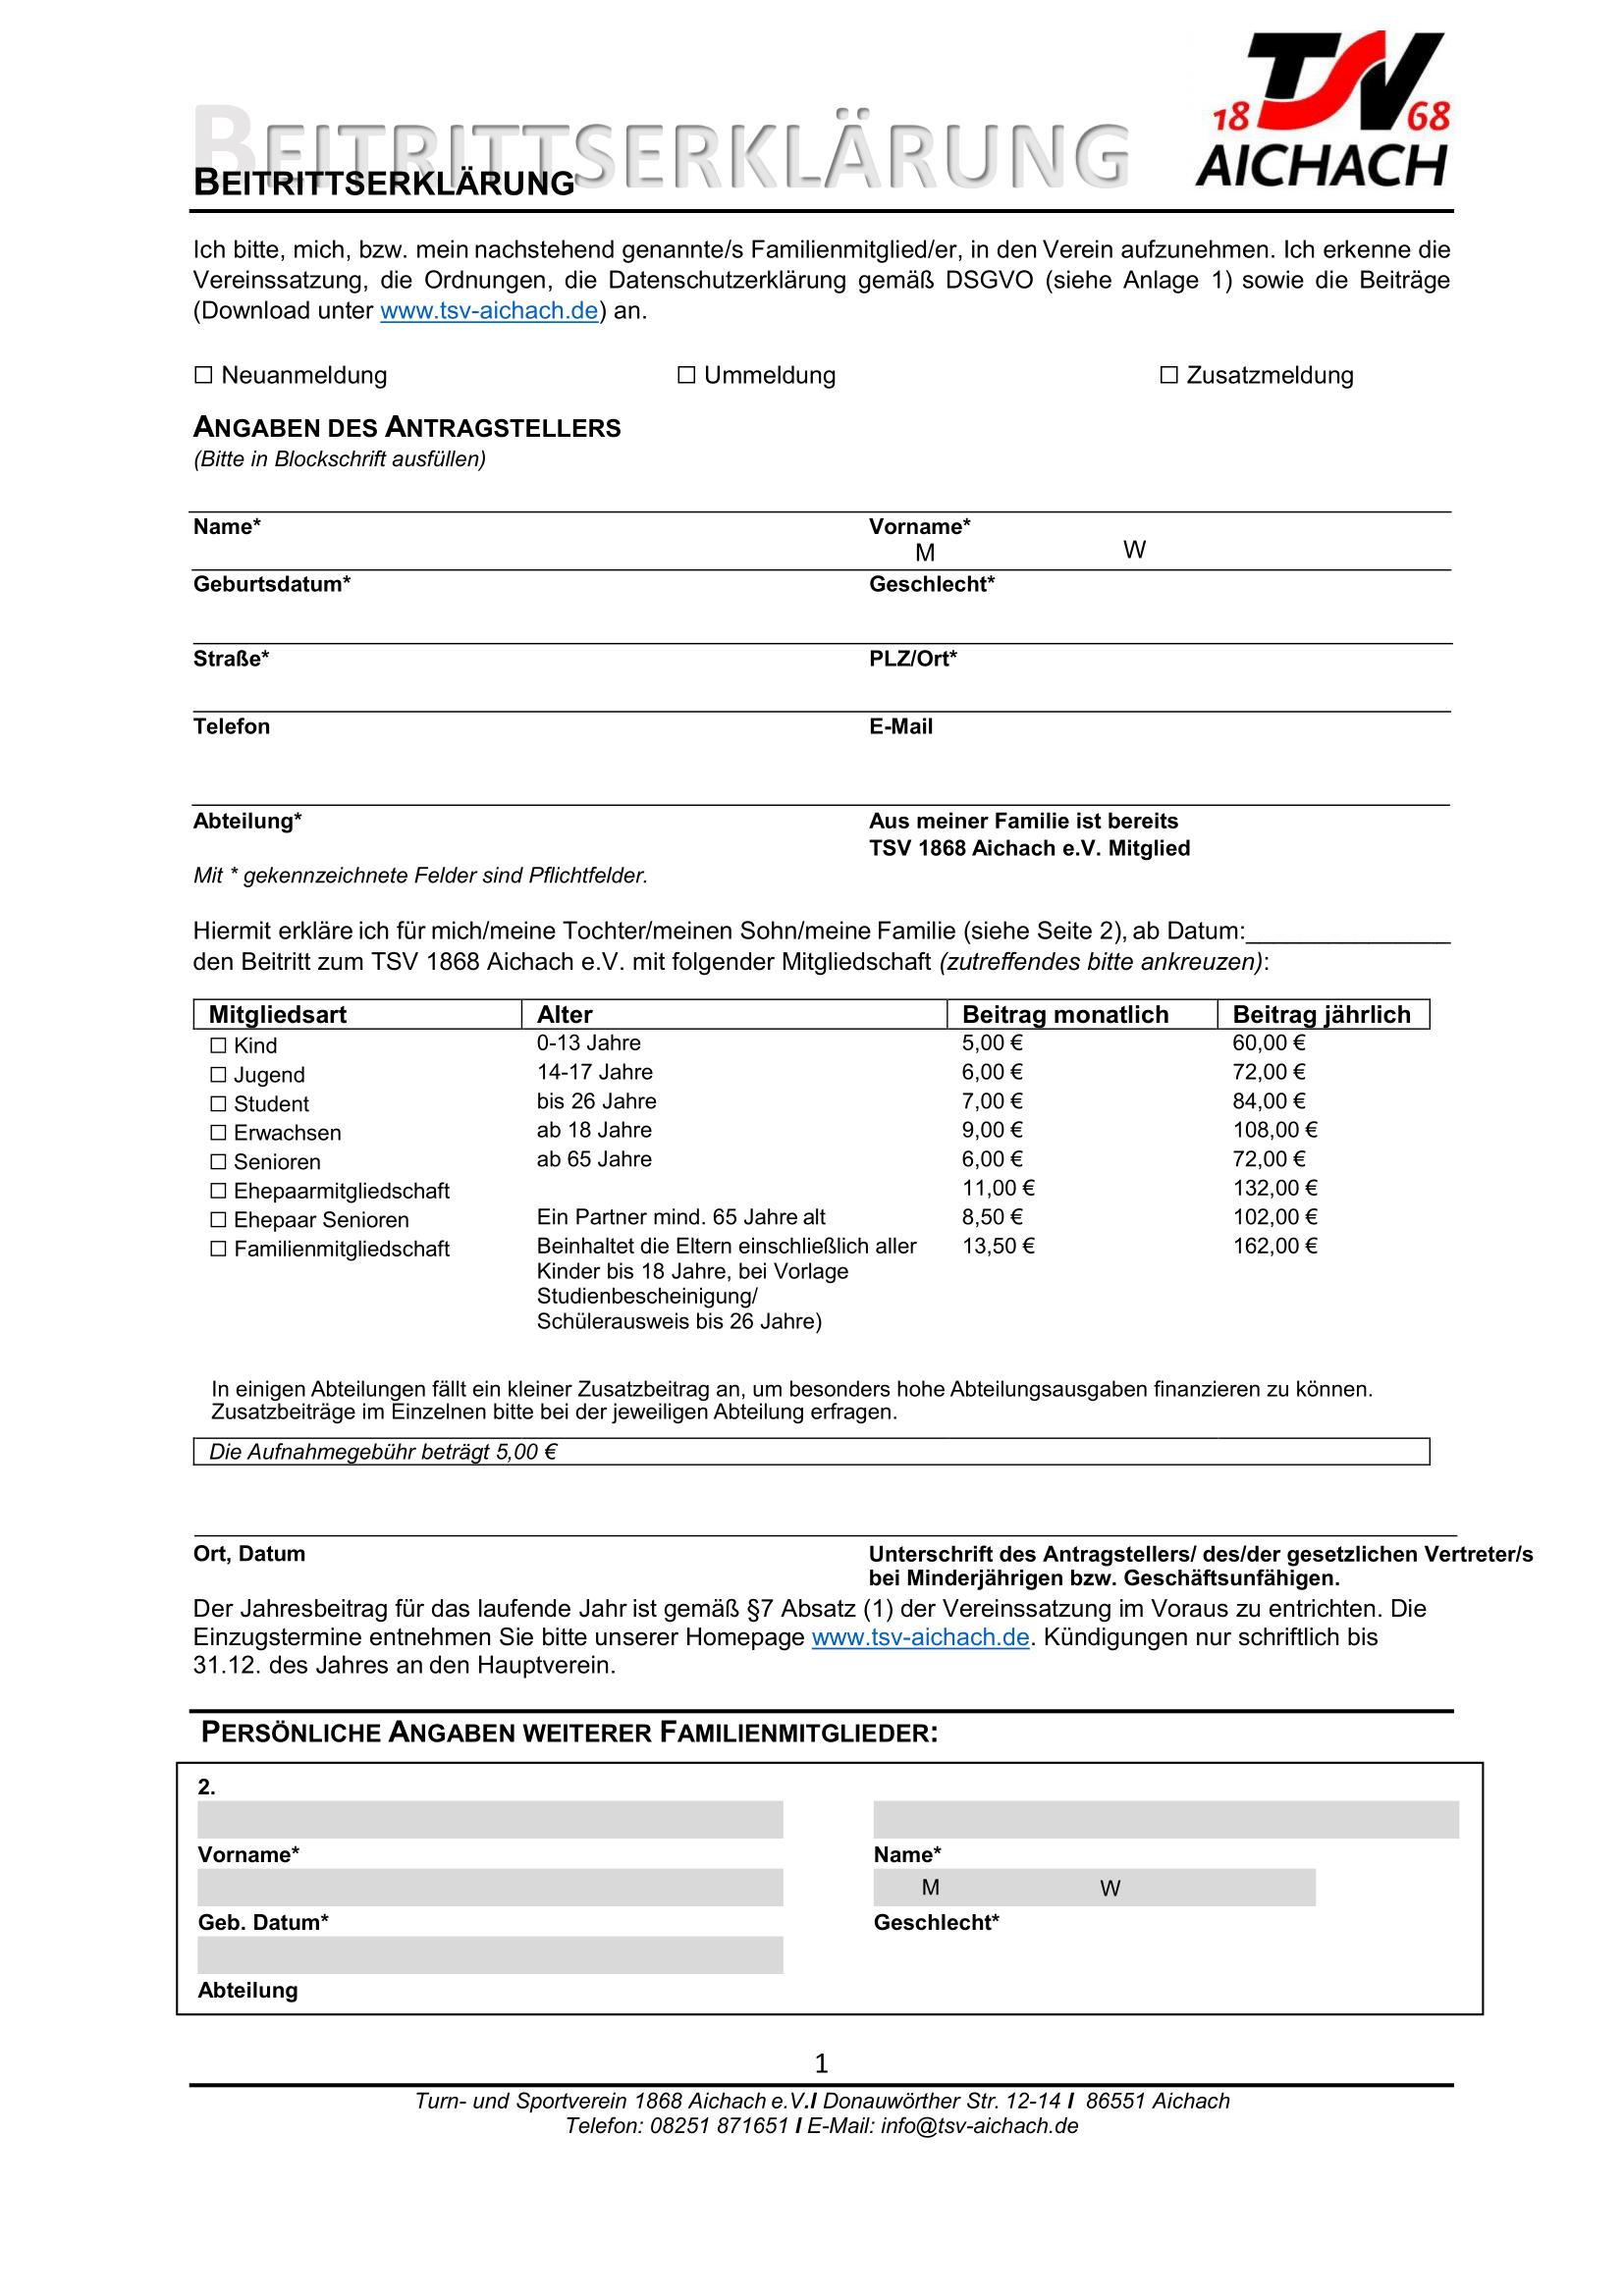 beitrittserklaerung_01.06.2021-1